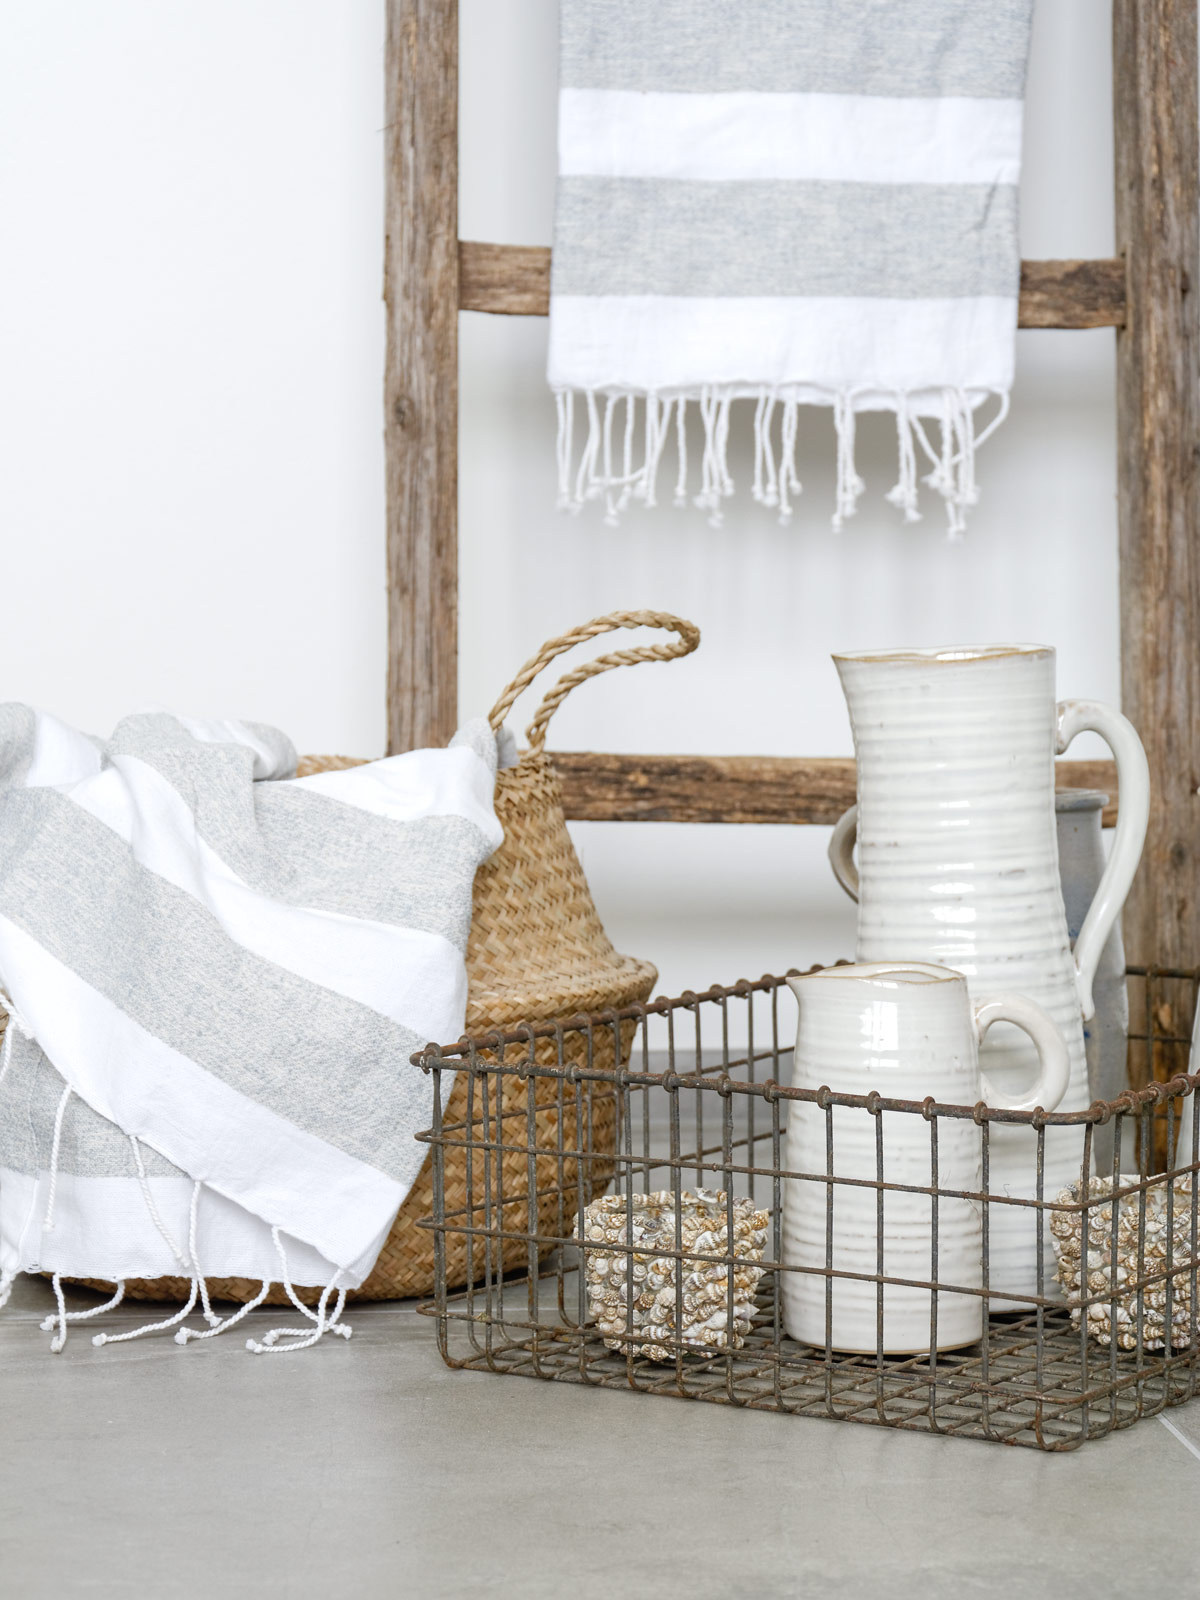 kannen-und-Muscheln-im-Badezimmer-dekorieren